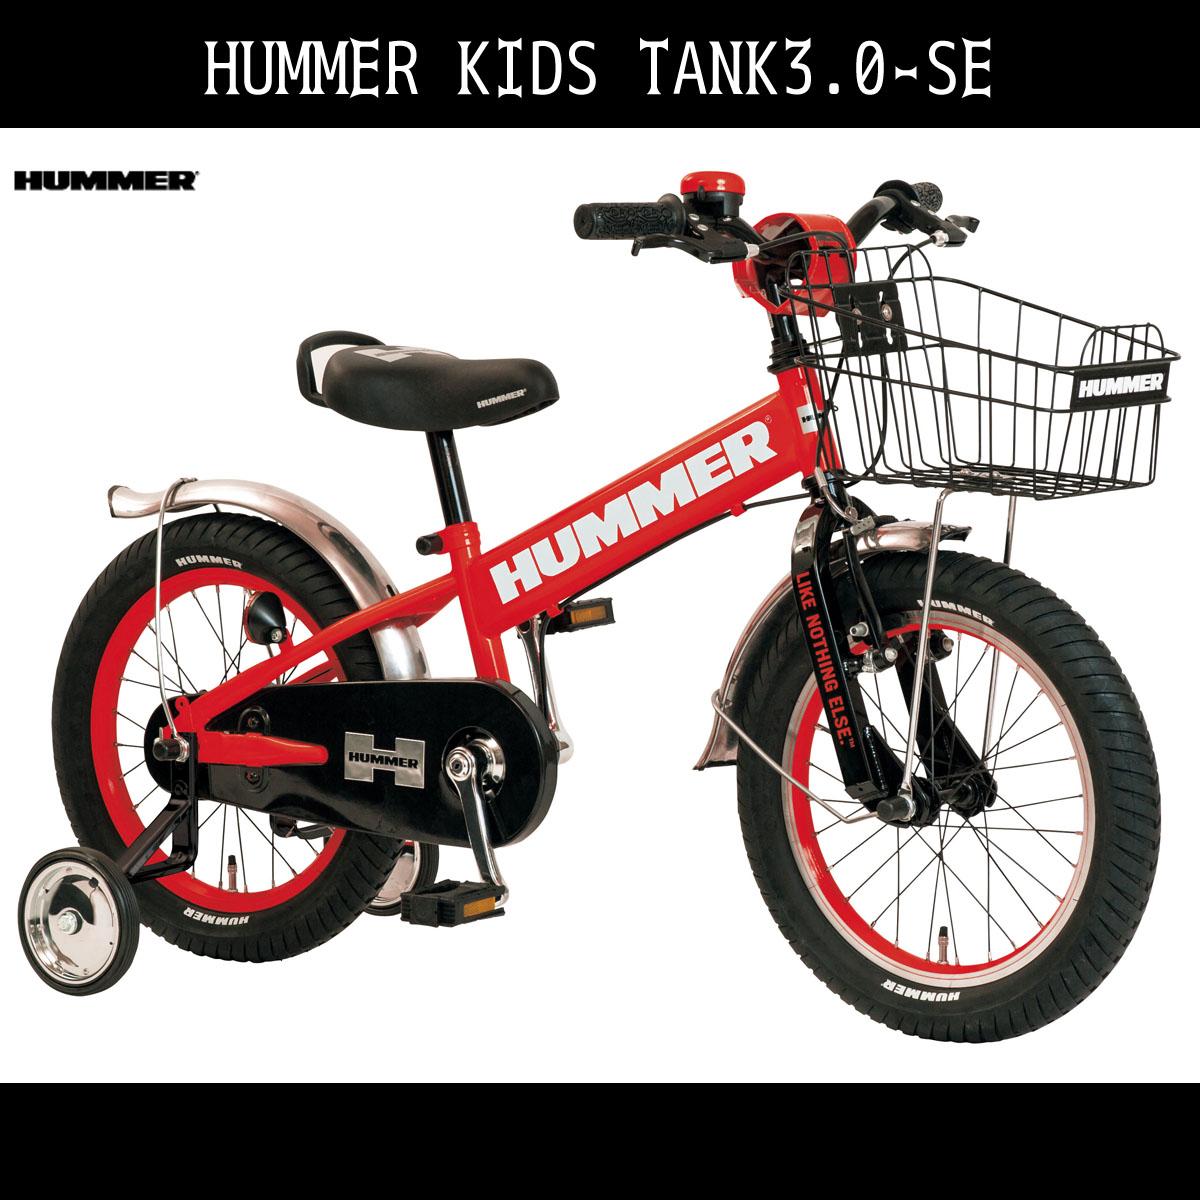 TANK3.0-SE MTBハマー かご付 マウンテンバイクKID'S 泥除け 補助輪 ギアなし 自転車 迷彩柄16インチ 補助輪付き自転車子ども用自転車グリーン/緑色 幼児 自転車 HUMMER ハマー マウンテンバイク 子供用 ジュニア 自転車 キッズ おしゃれ